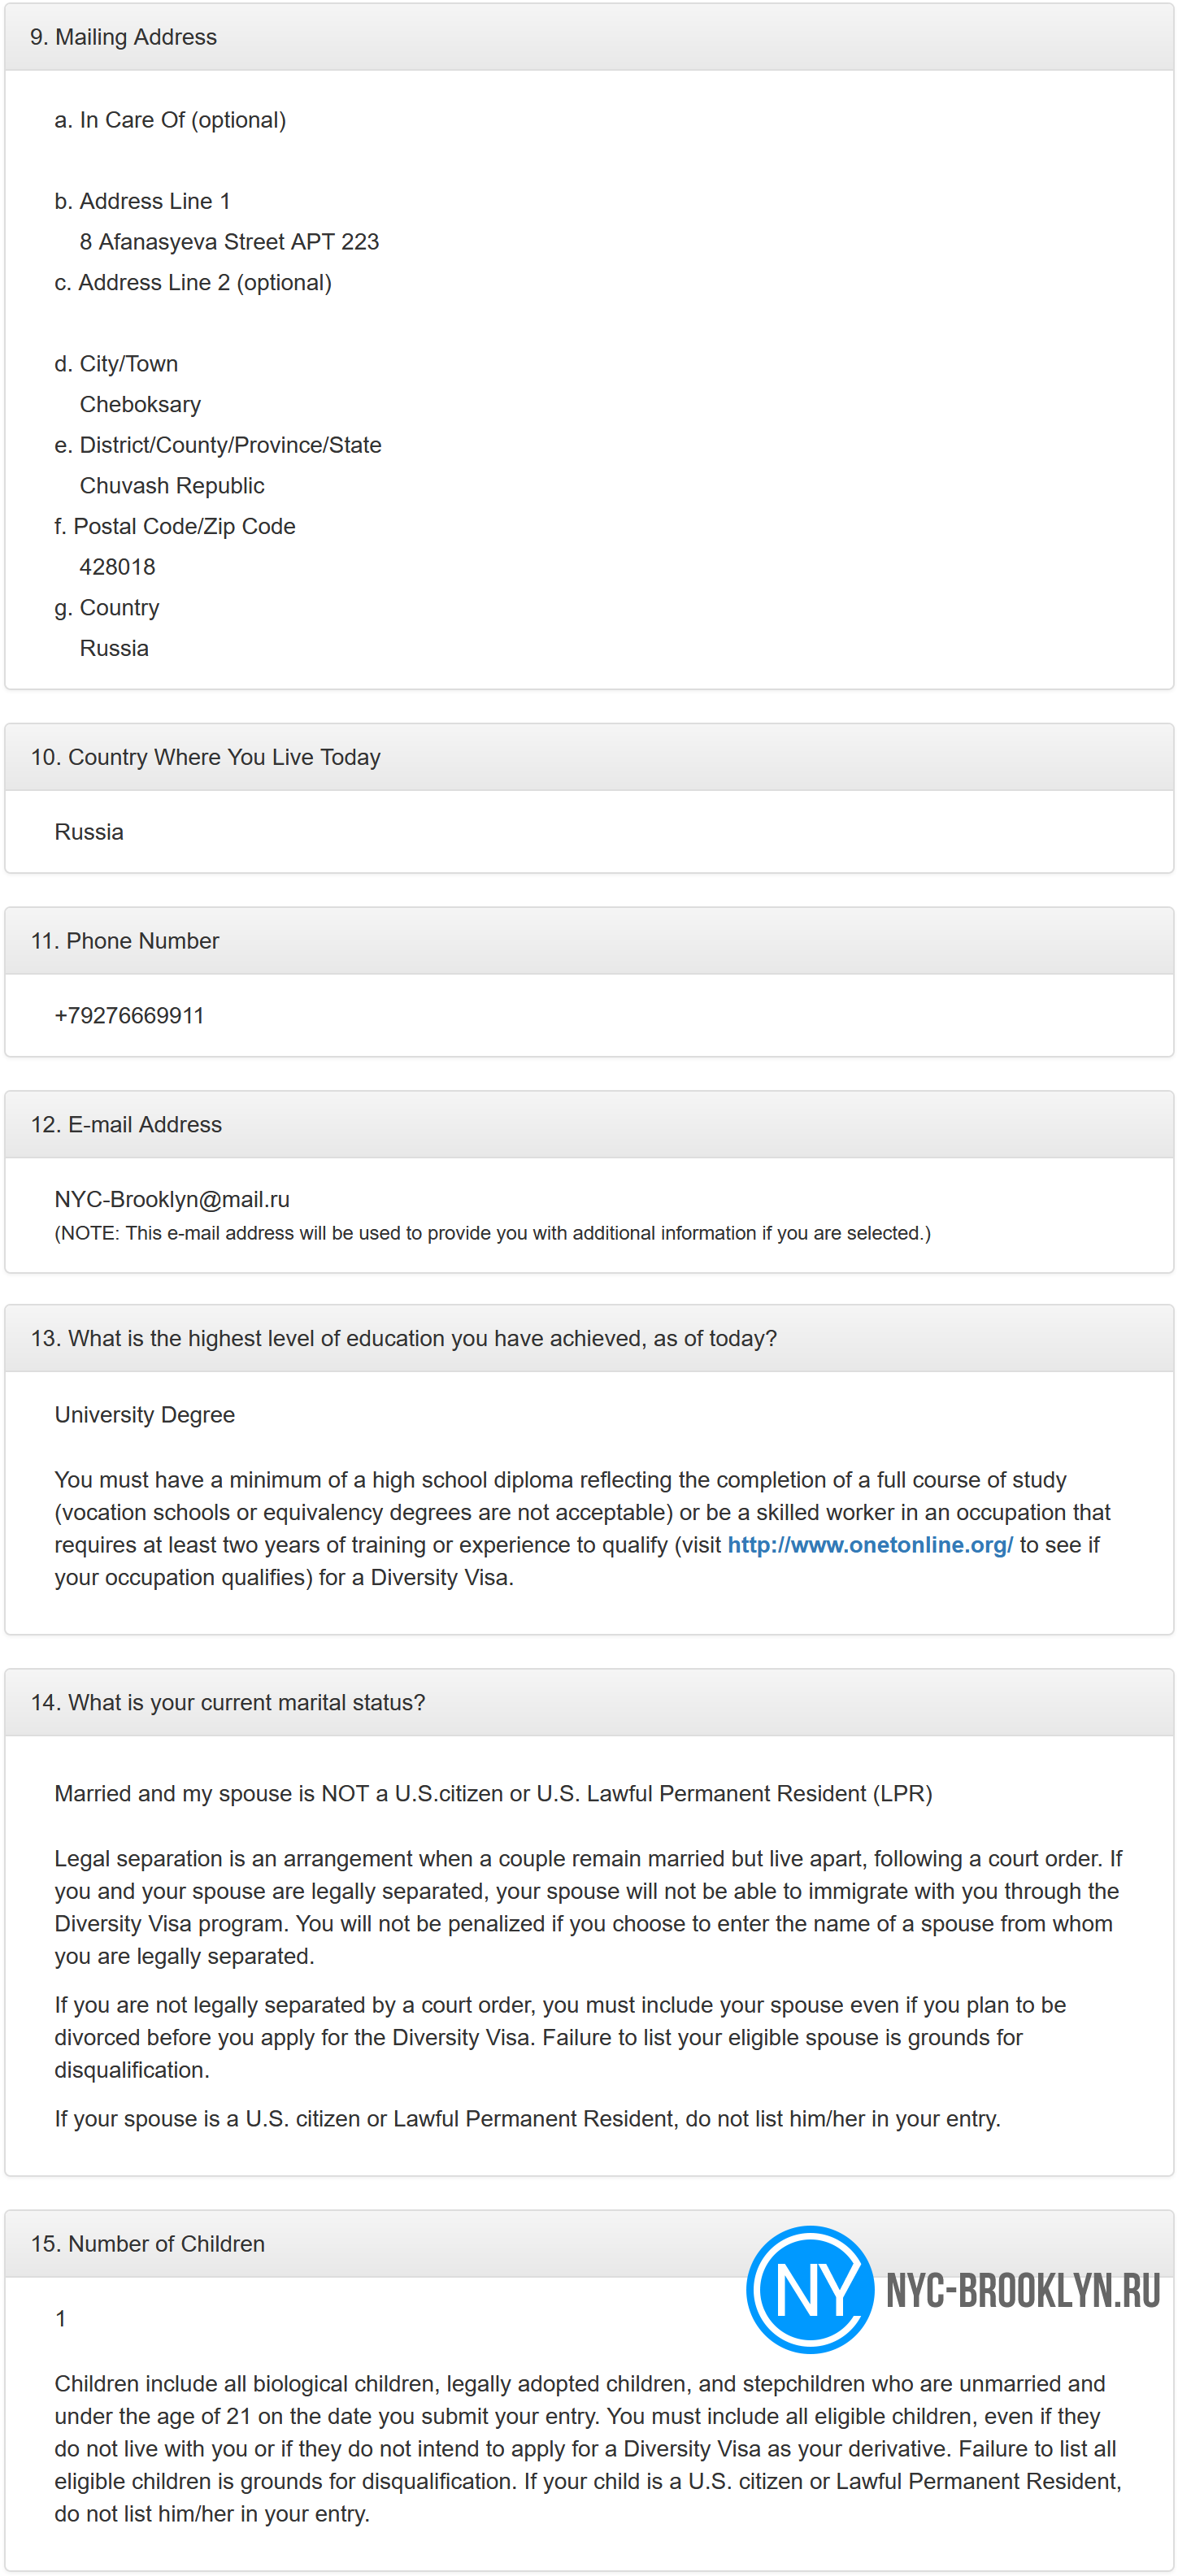 проверка анкеты, образец dv лотерея, пример подача заявки, самостоятельно грин карт, анкета на грин карту